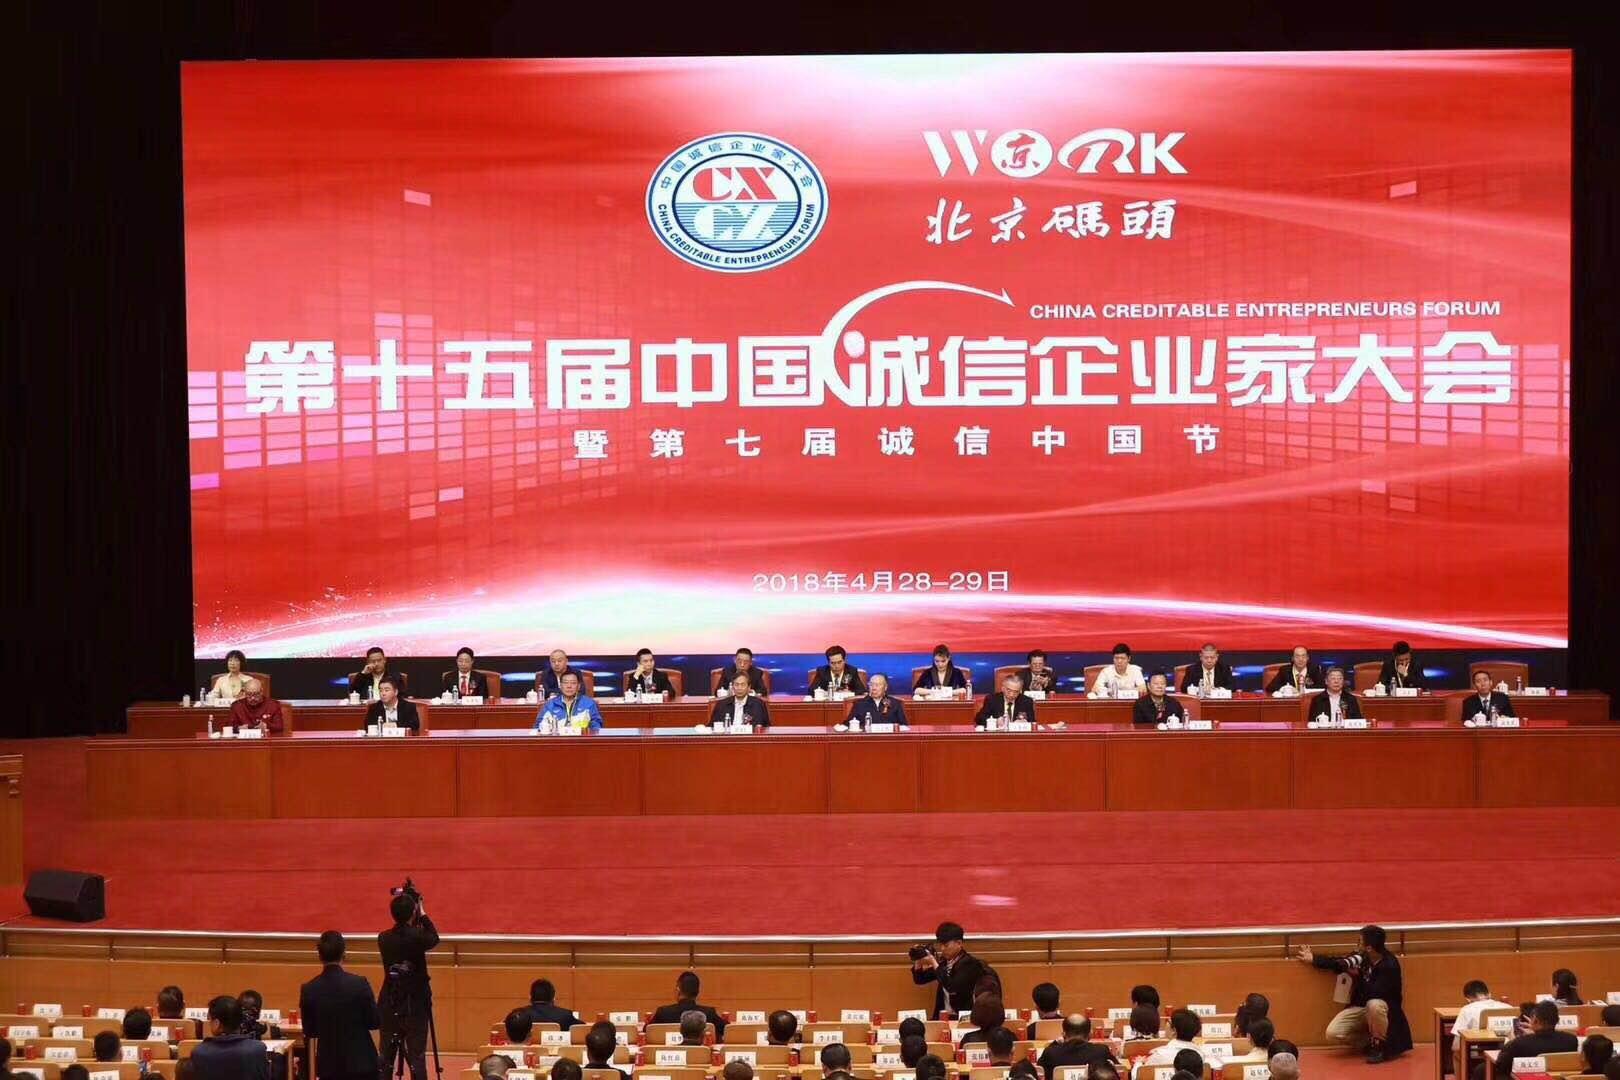 祝贺尚标荣获中国诚信经营与企业级示范单位、改革开放40年中国创业新锐诚信先锋